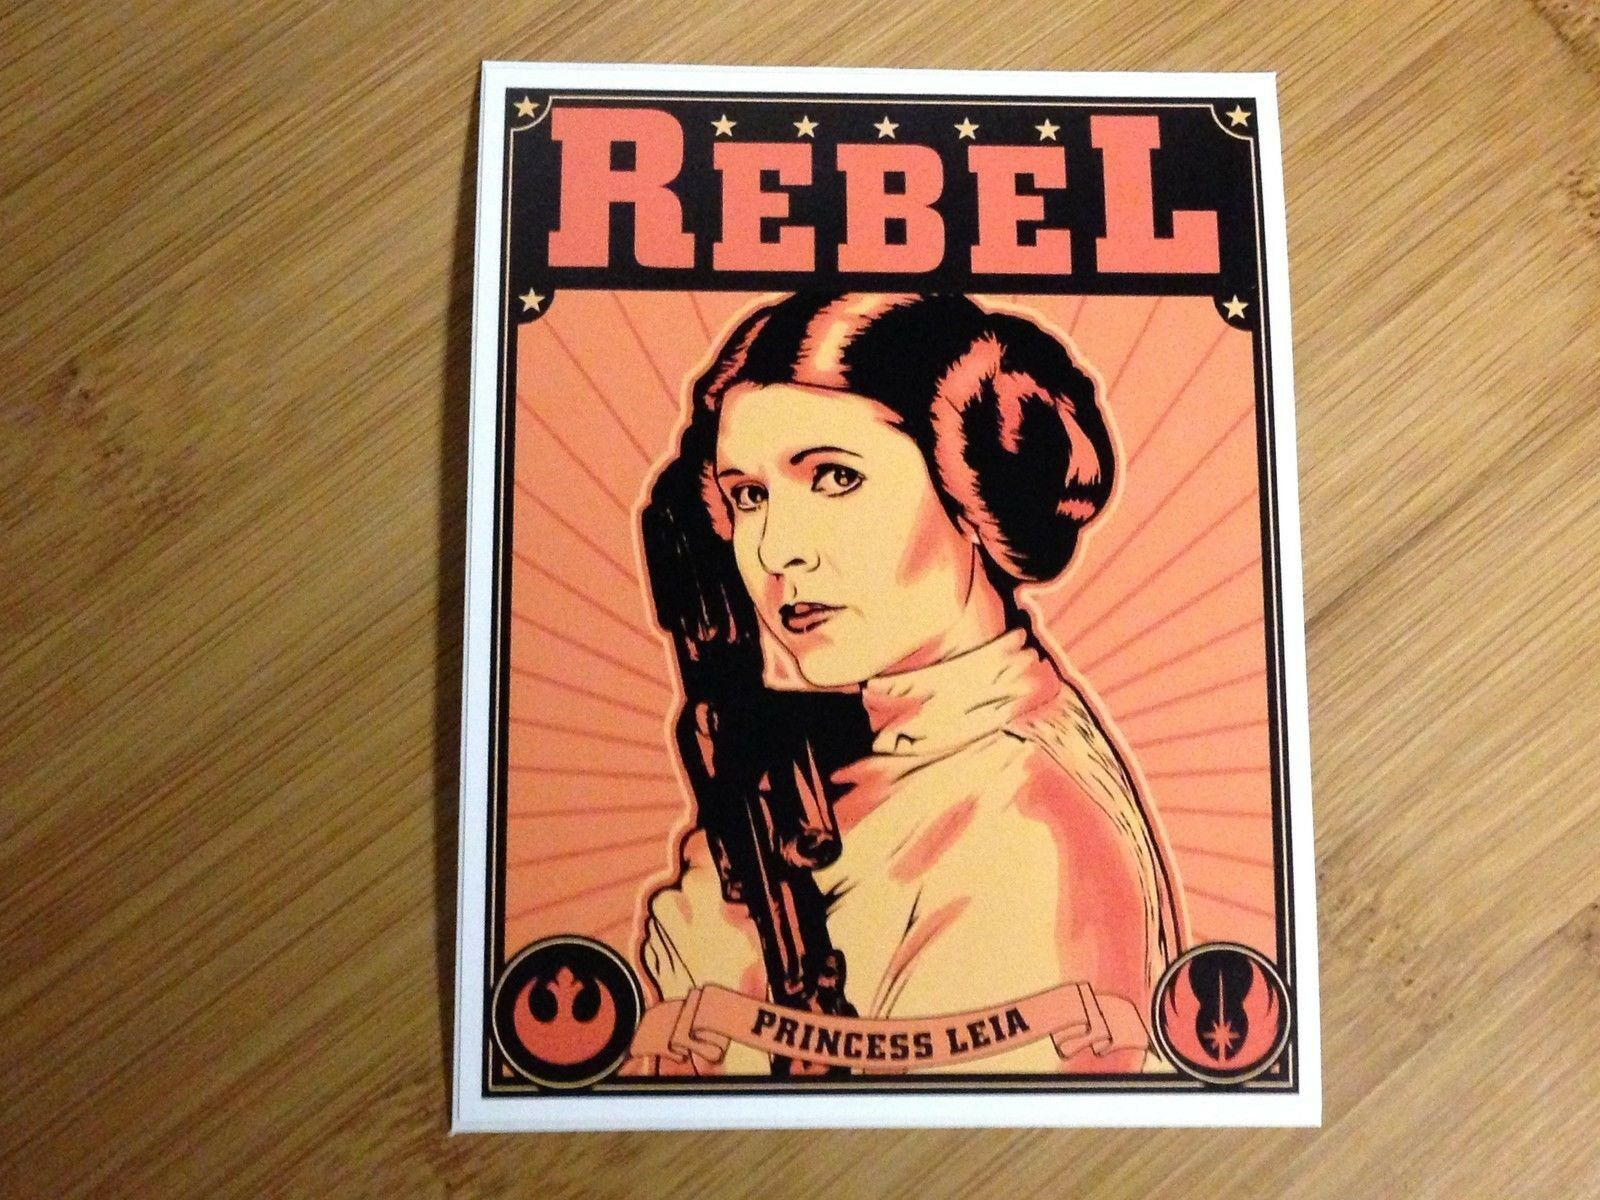 Наклейка для Rebel Princess Leia, наклейка Звездные войны, пропагандистский постер в стиле империи люка